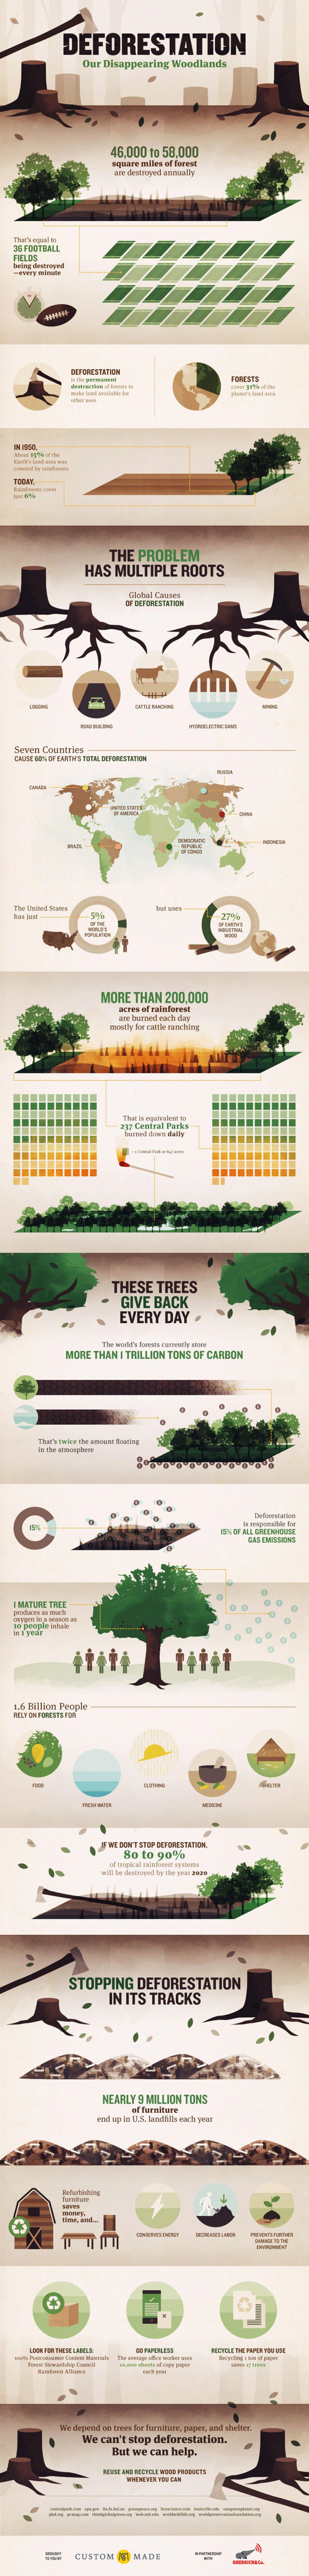 Deforestation Facts for Kids